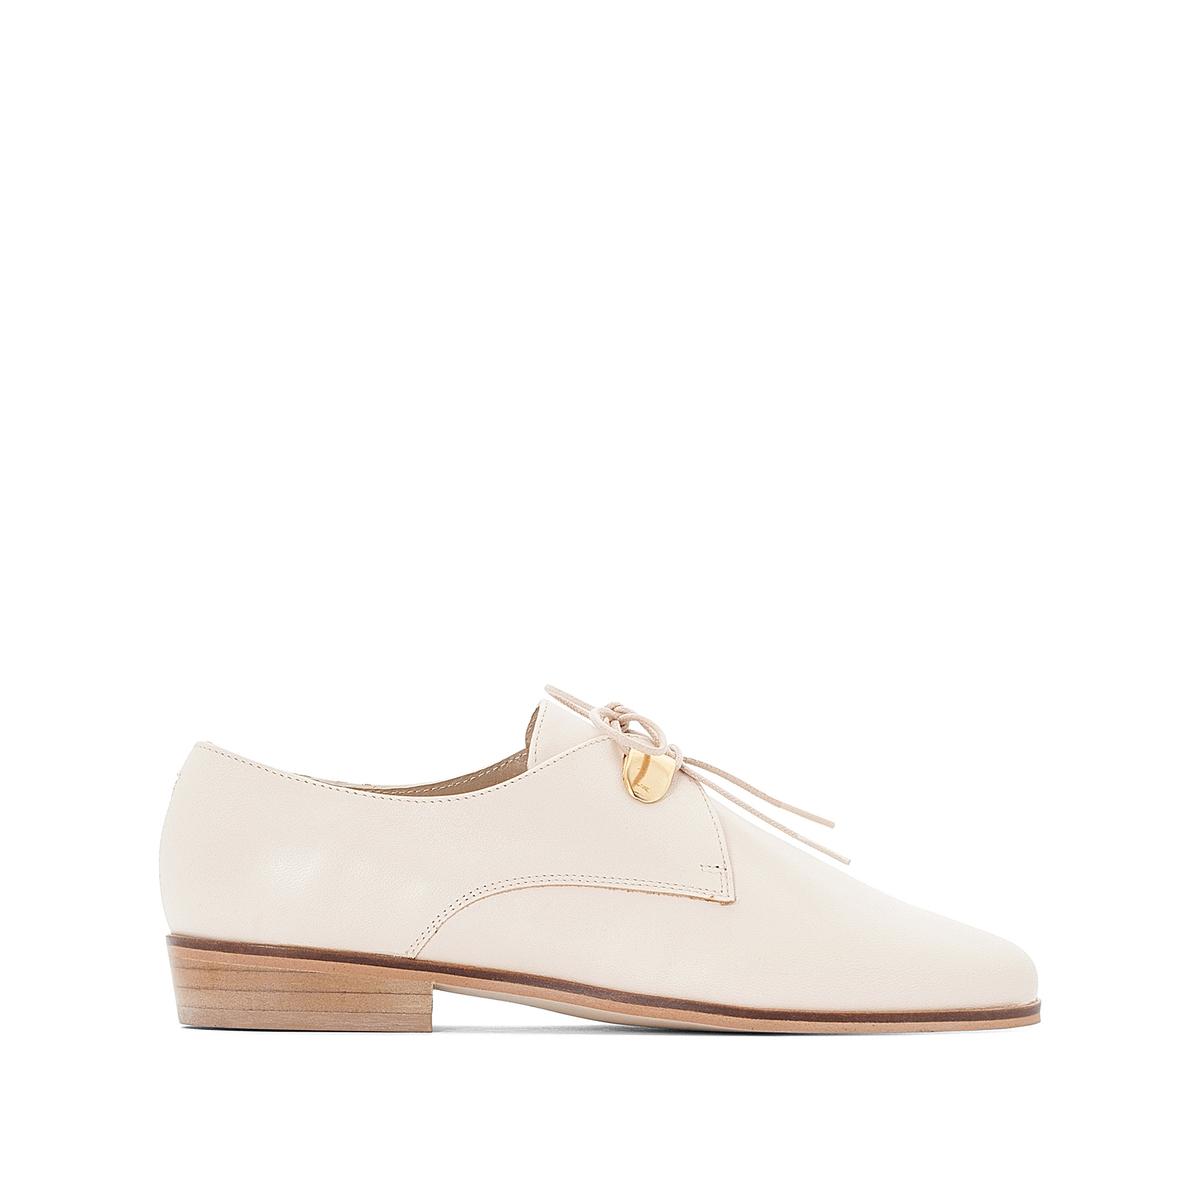 Ботинки-дерби кожаные на шнуровке, Divya ботинки женские зимние на шнуровке без каблука купить